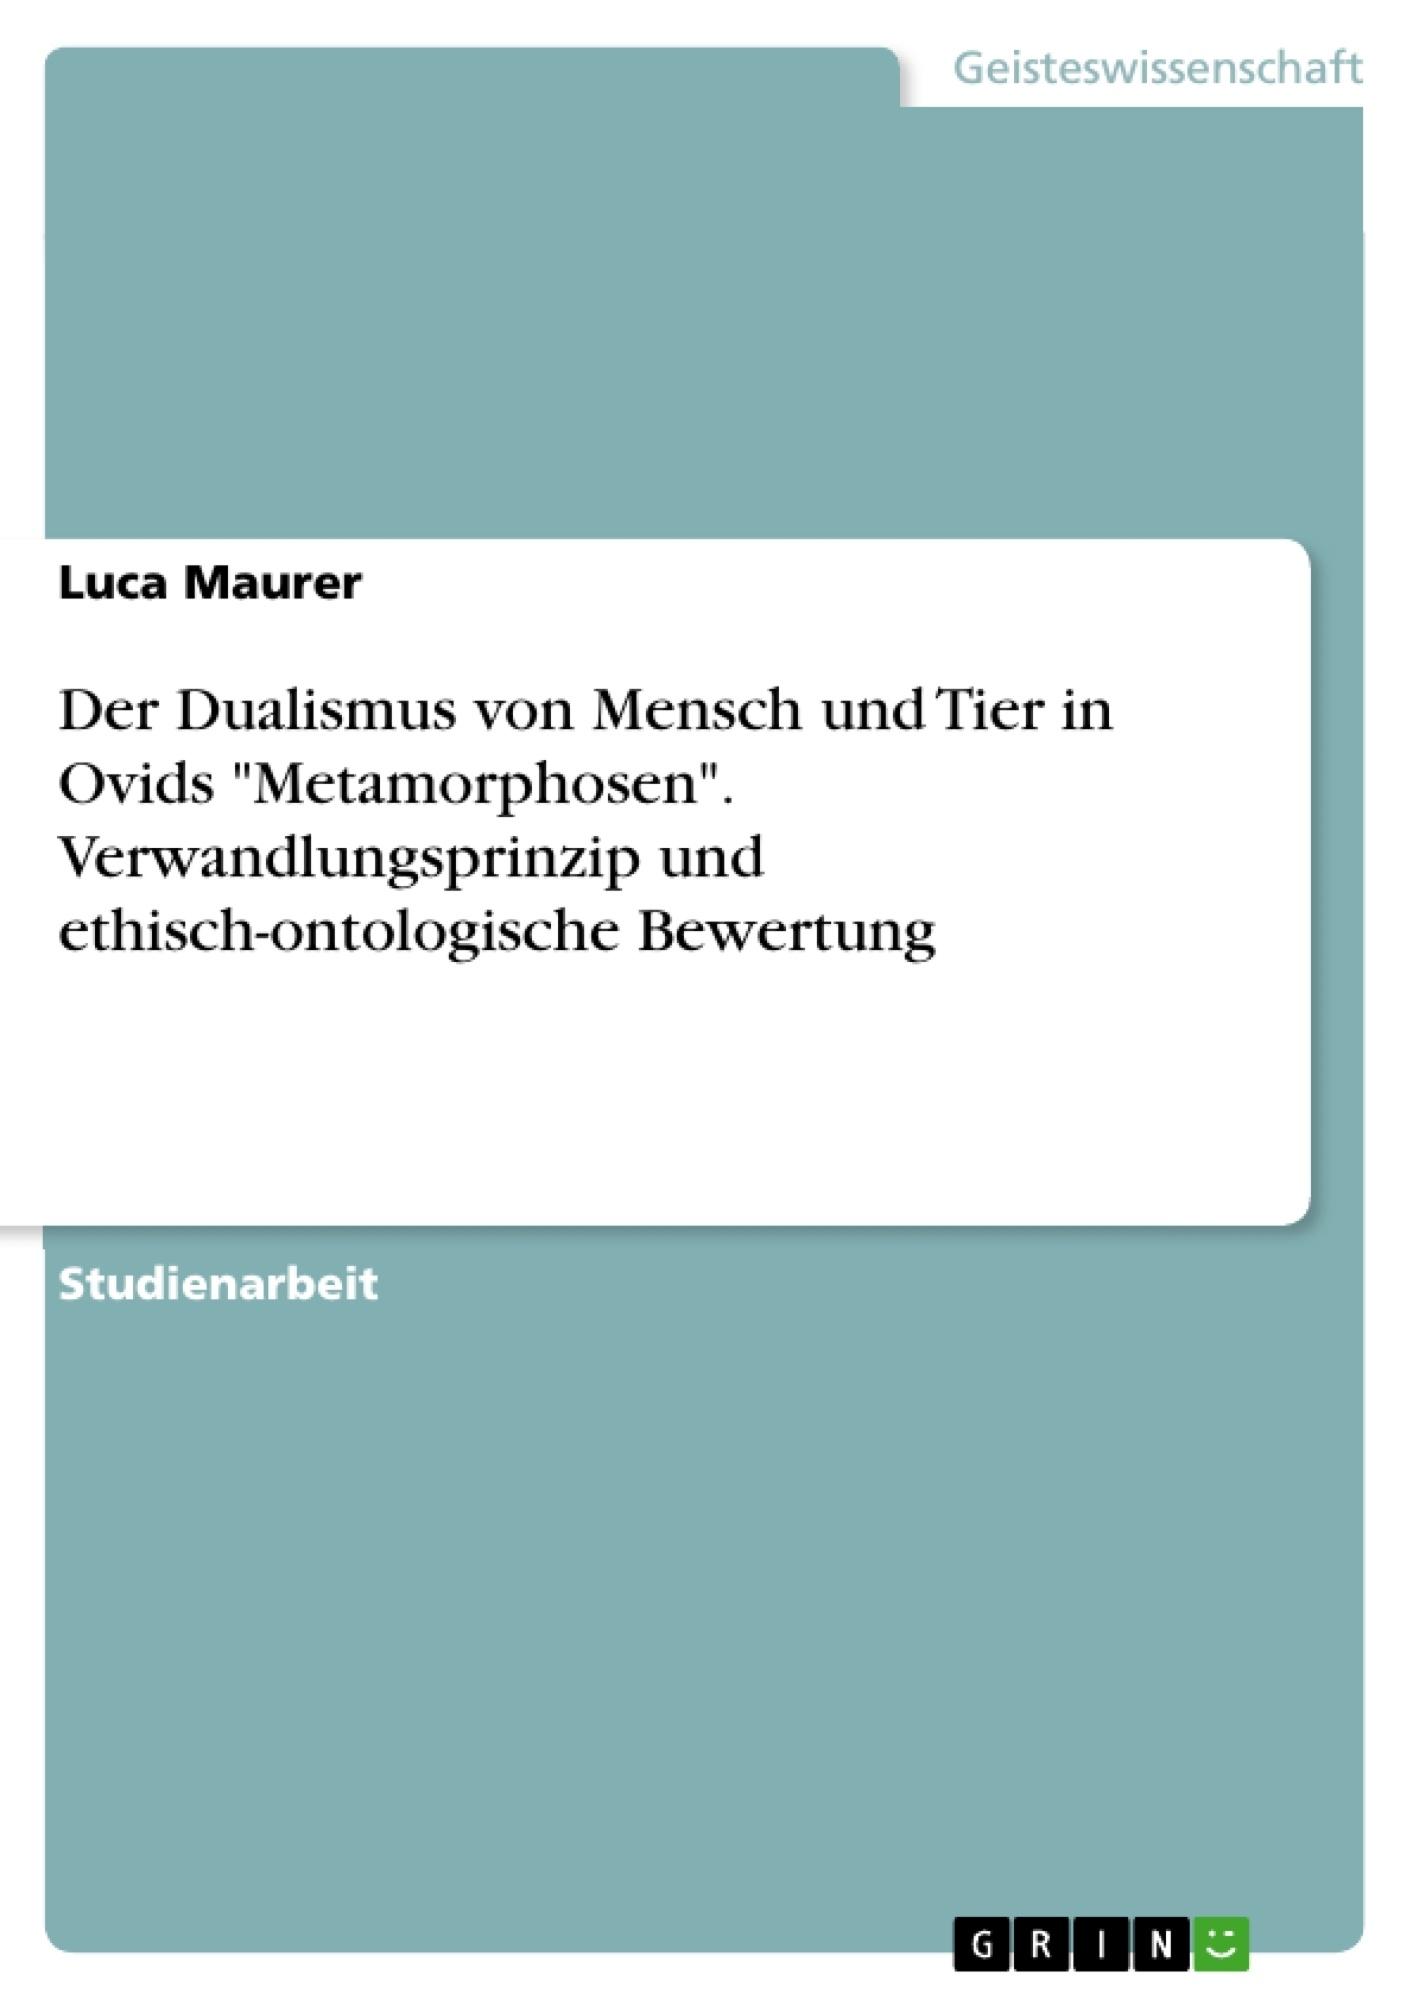 """Titel: Der Dualismus von Mensch und Tier in Ovids """"Metamorphosen"""". Verwandlungsprinzip und ethisch-ontologische Bewertung"""